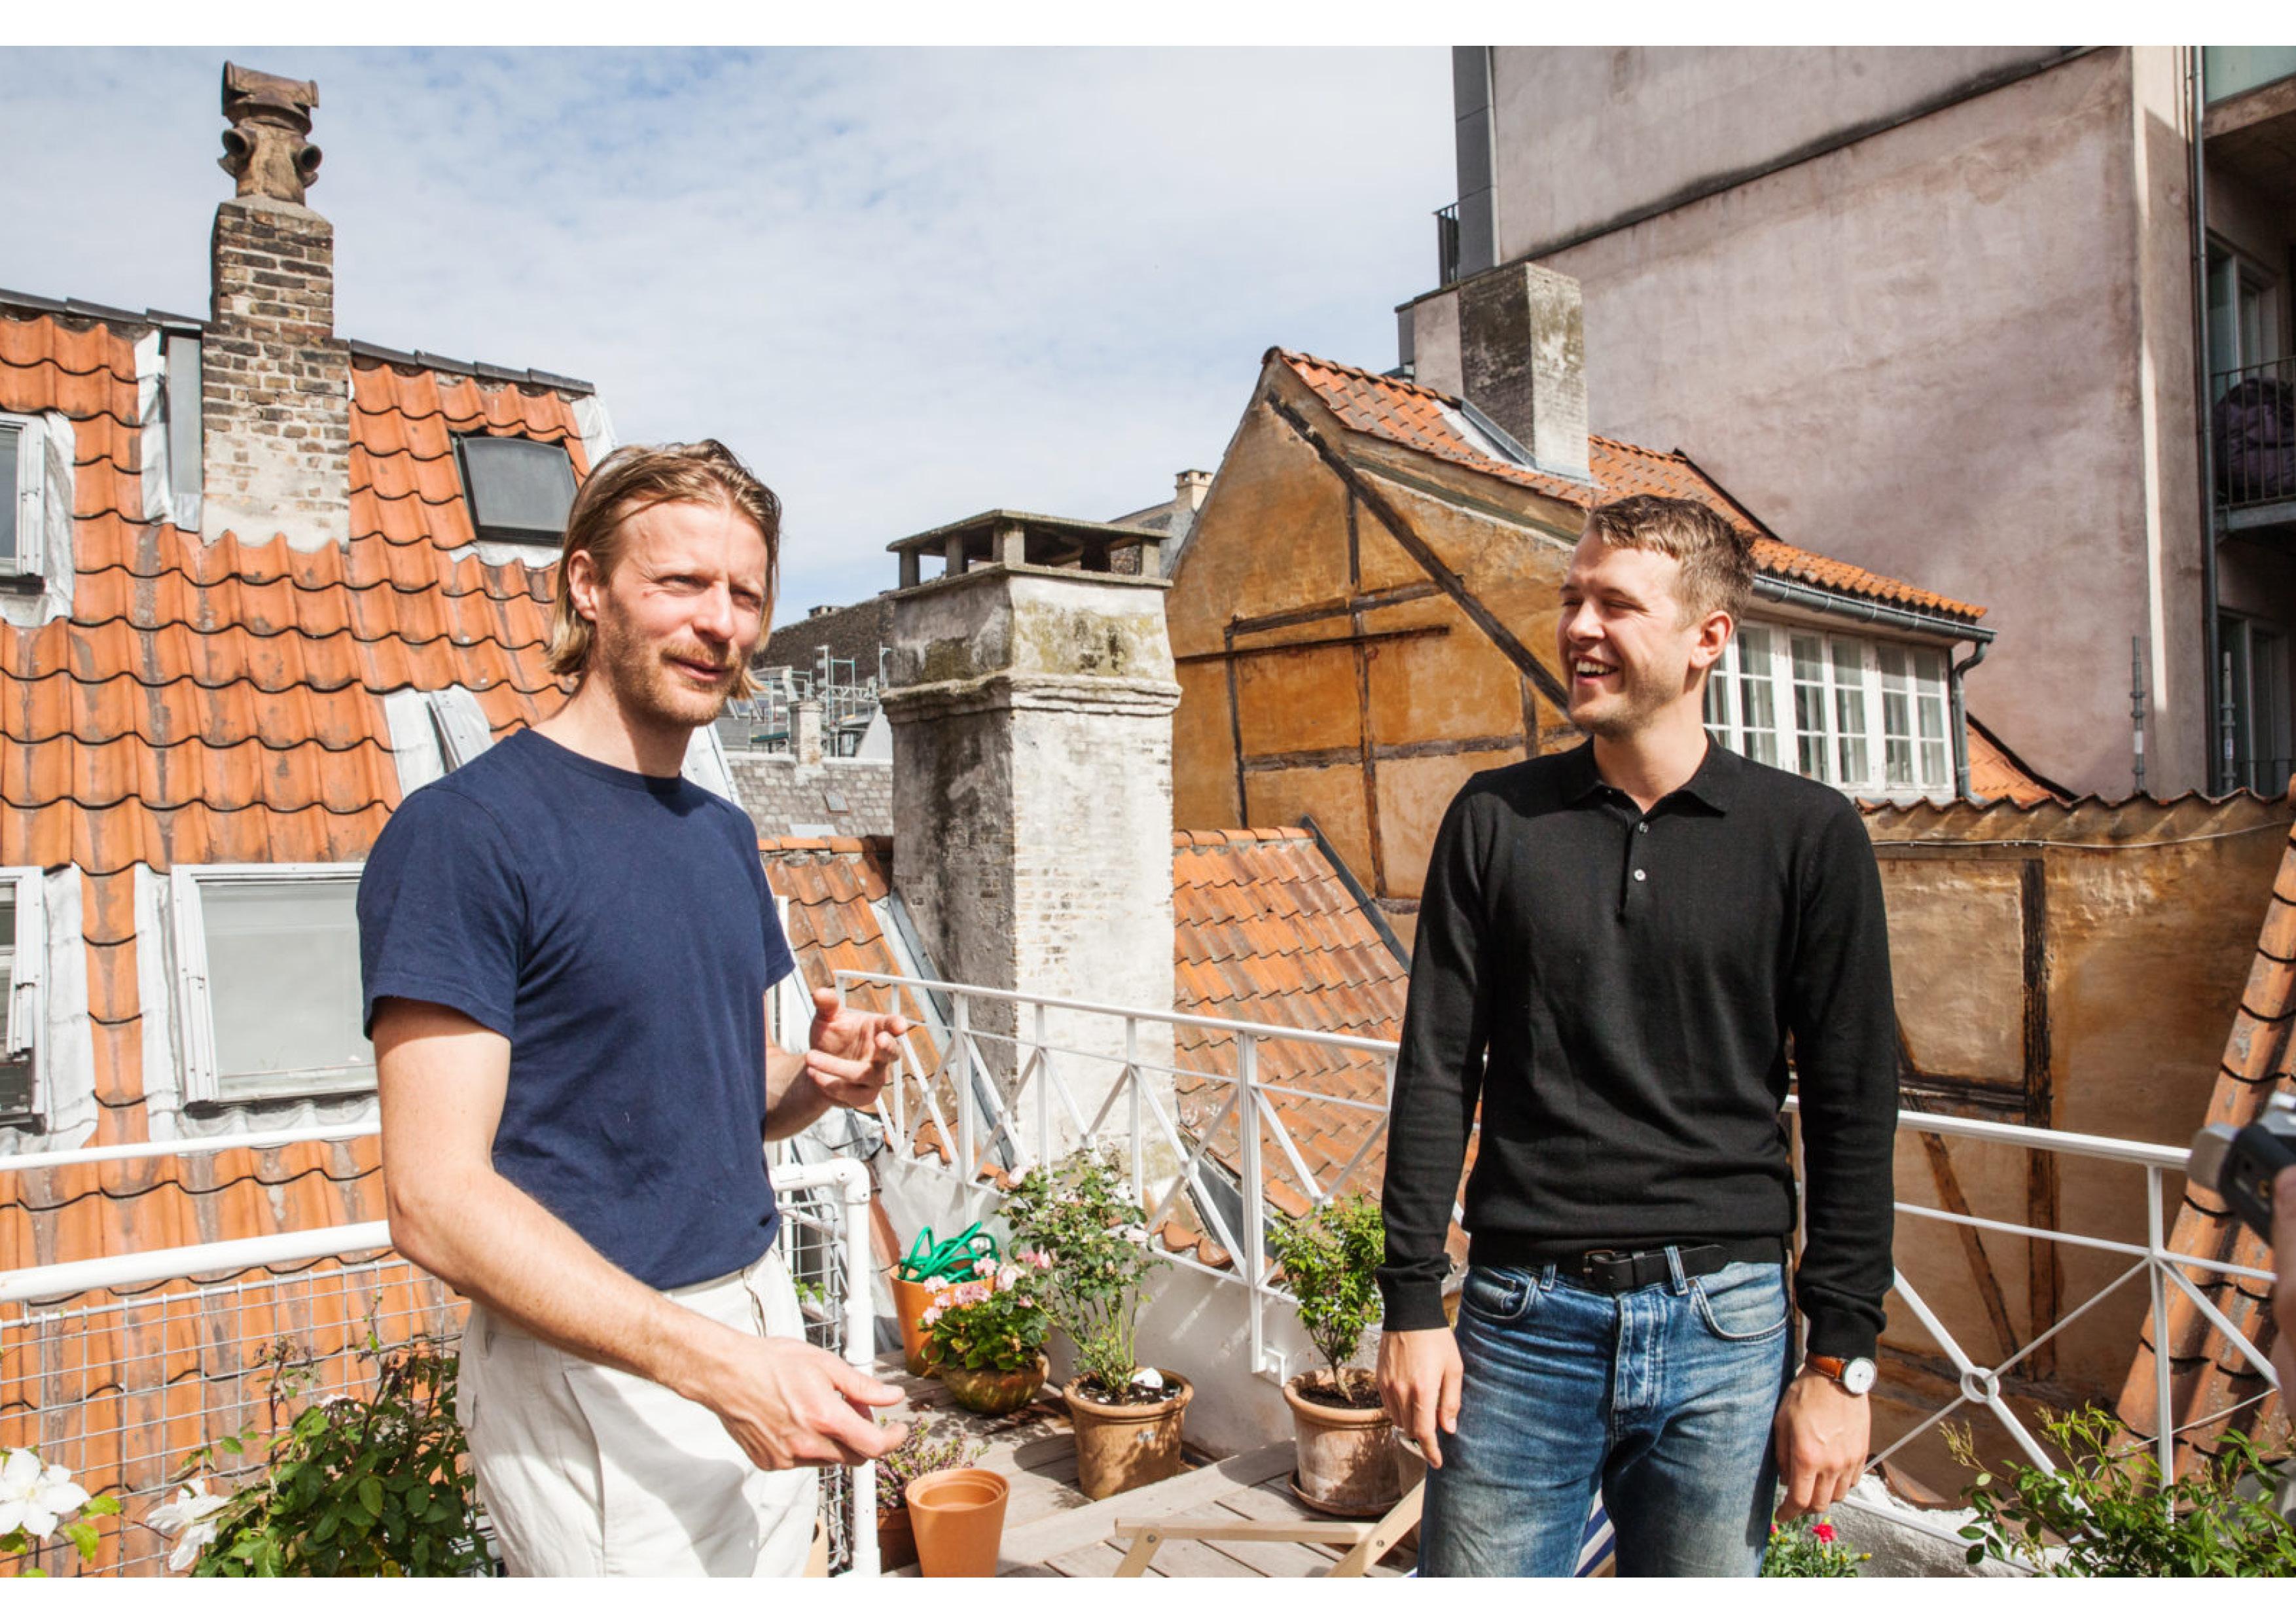 Freunde-von-Freunden-Emil-Kroeyer-Mads-Saetter-Lassen_HelenaLundquist_3